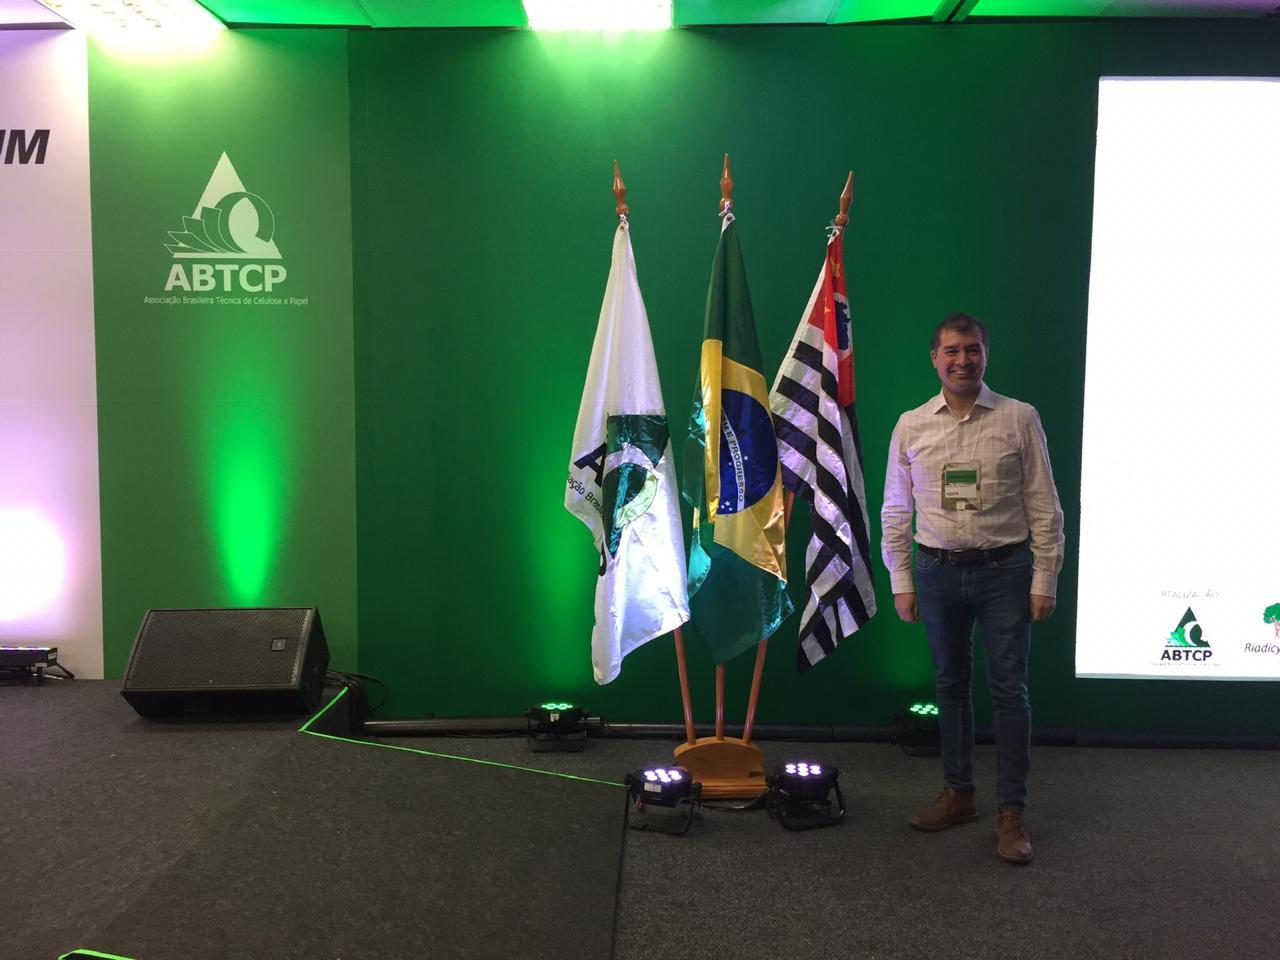 Docente del DIQ fue invitado como Key-Speaker en Congreso Internacional organizado por la Asociación Brasileña de Técnicos en Celulosa y Papel, ABTCP